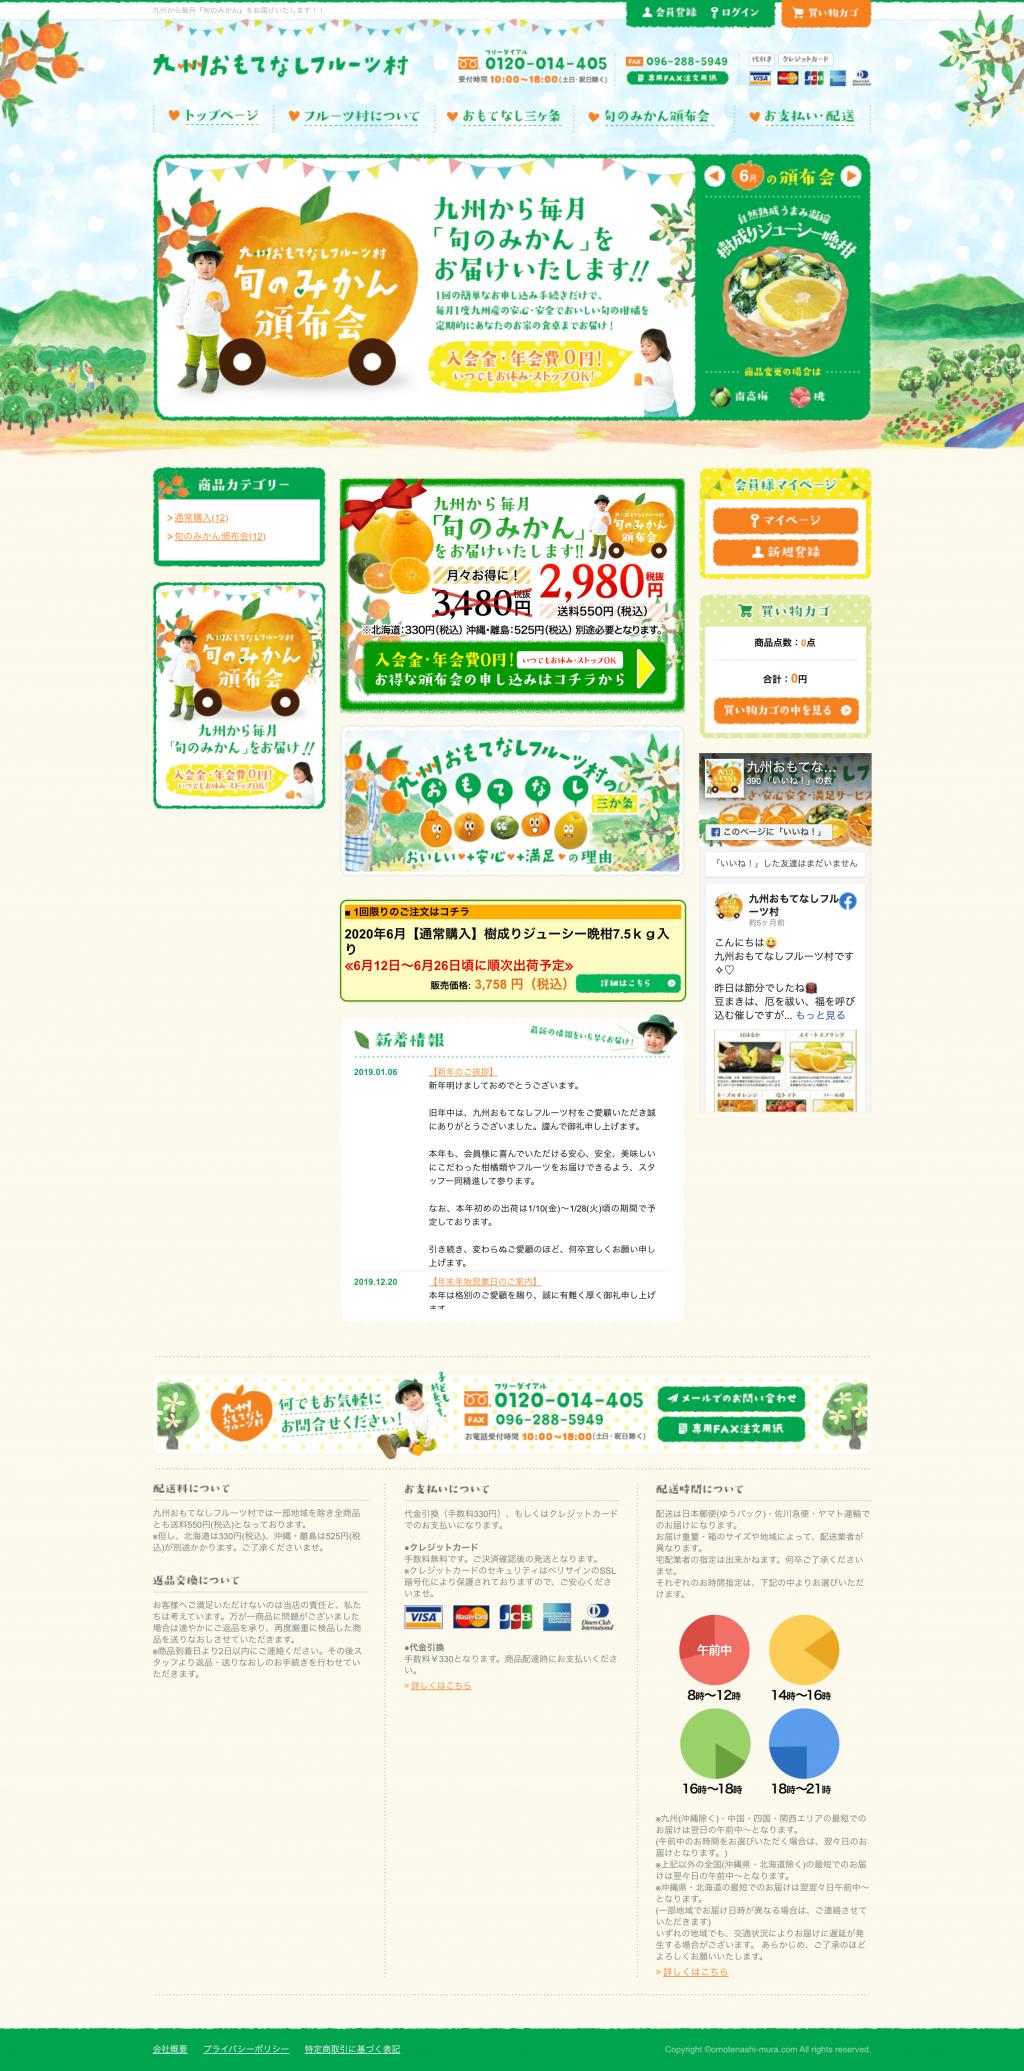 九州おもてなしフルーツ村サイトのパソコン表示